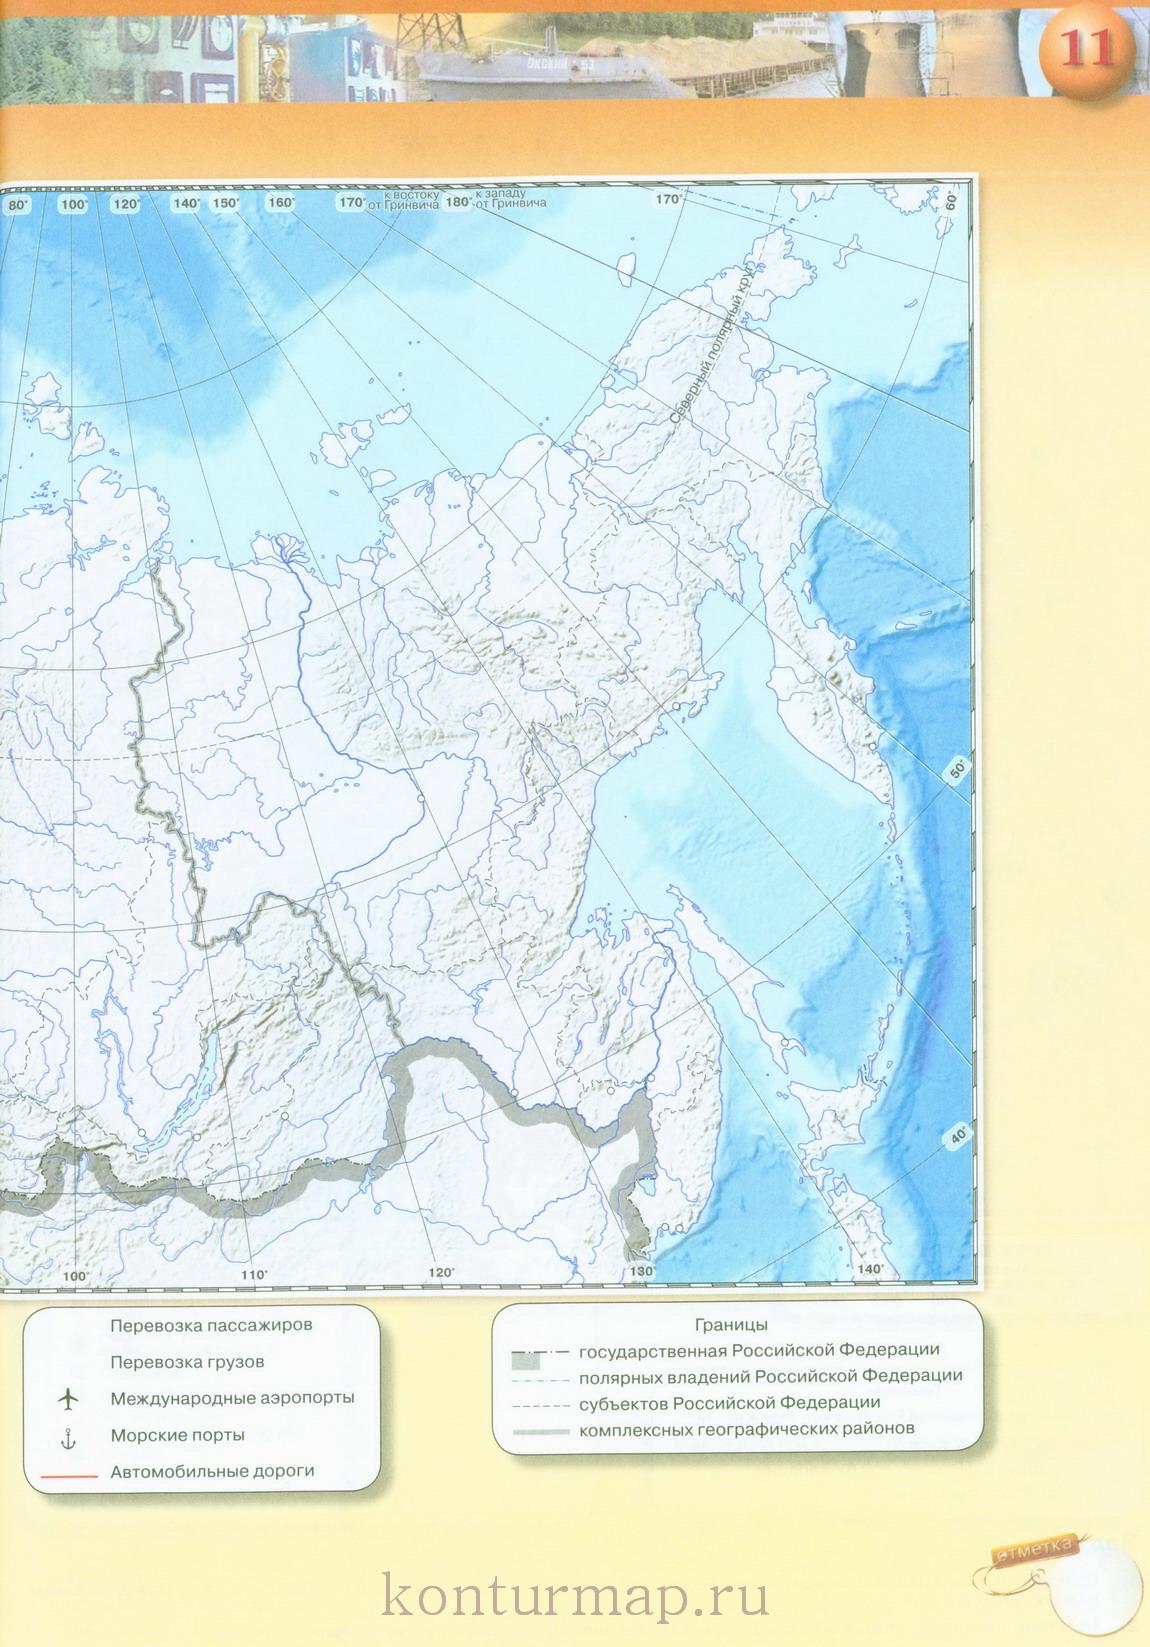 Электронная версия контурная карта по географии сфера 9 класс